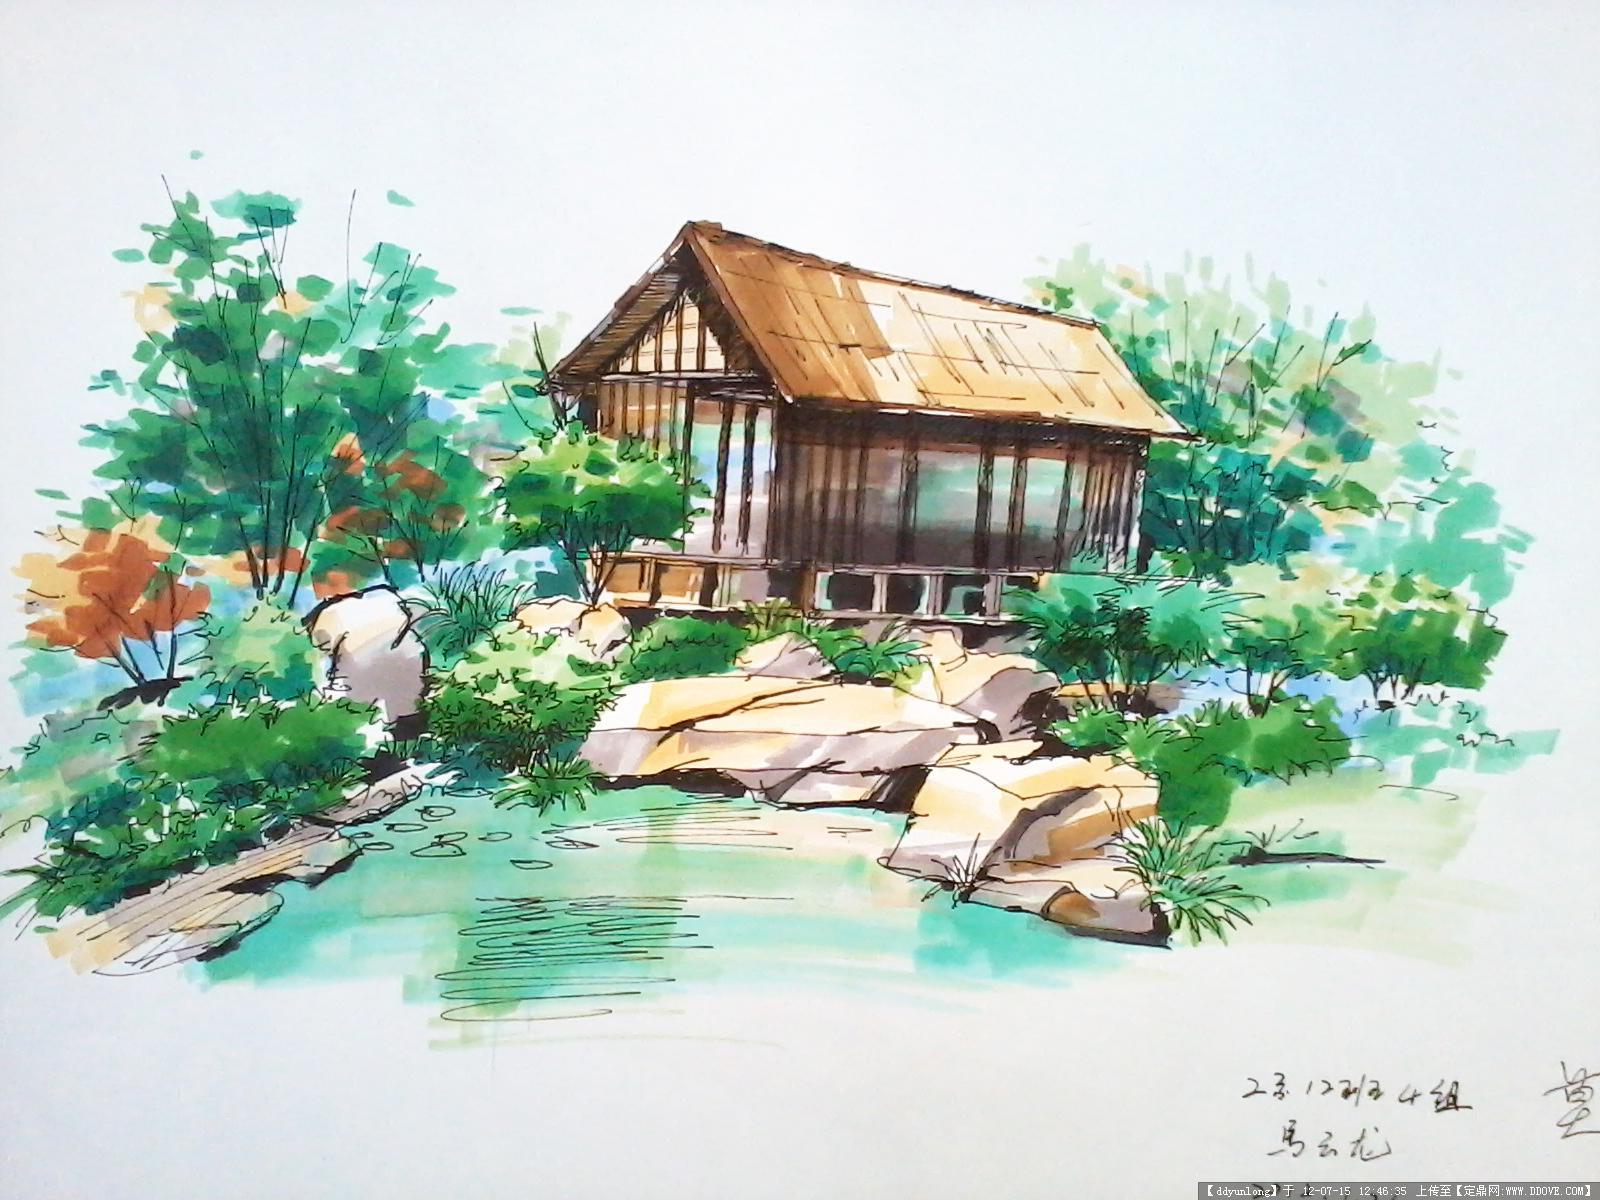 马工手绘作品2的图片浏览,园林效果图,手绘效果,园林